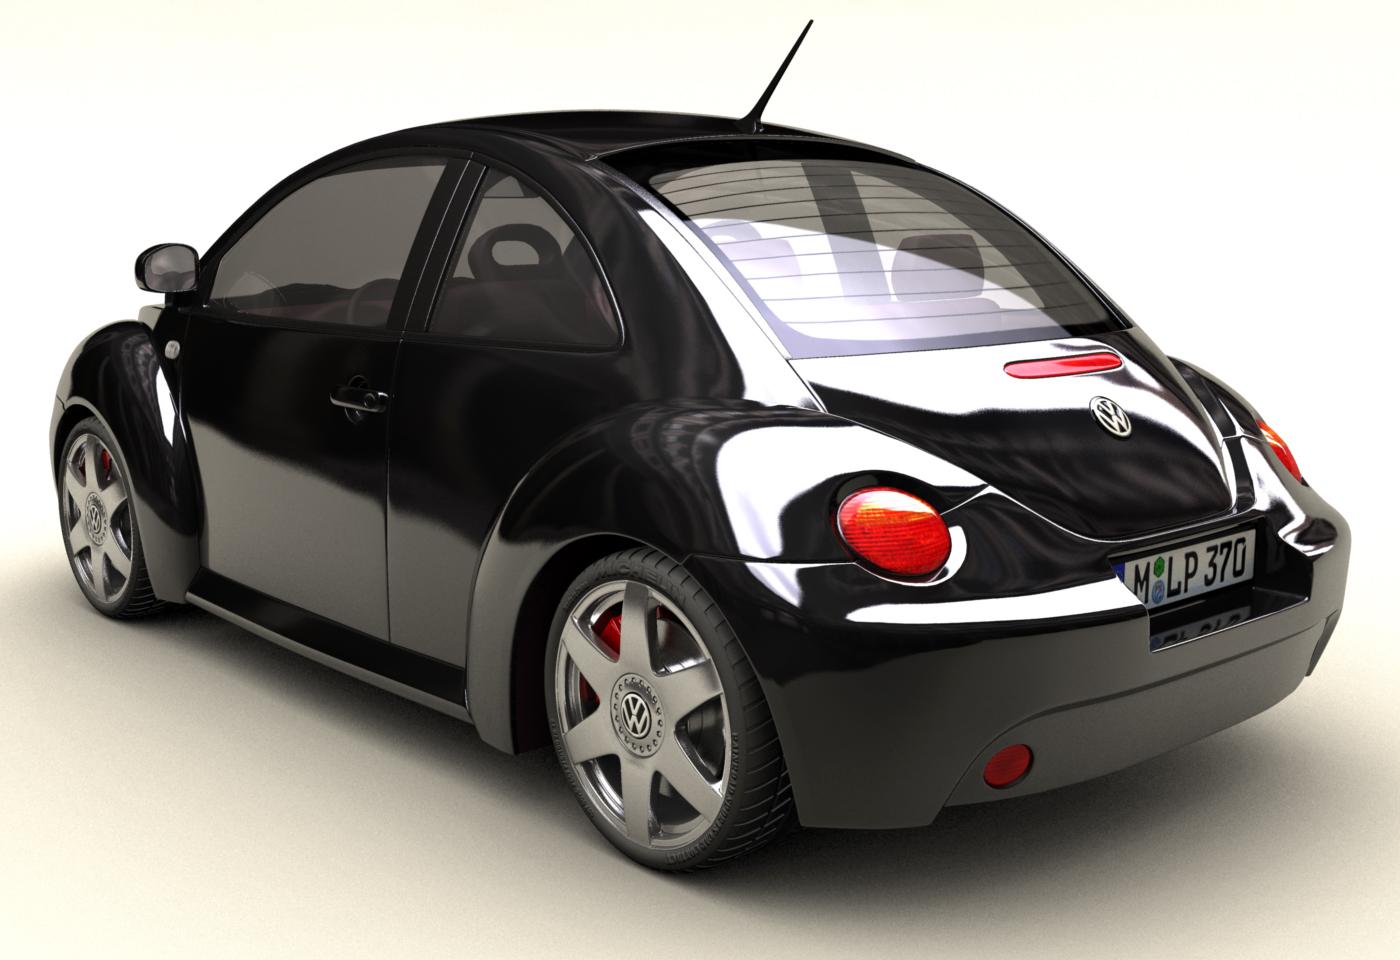 Car0002-3500-3500